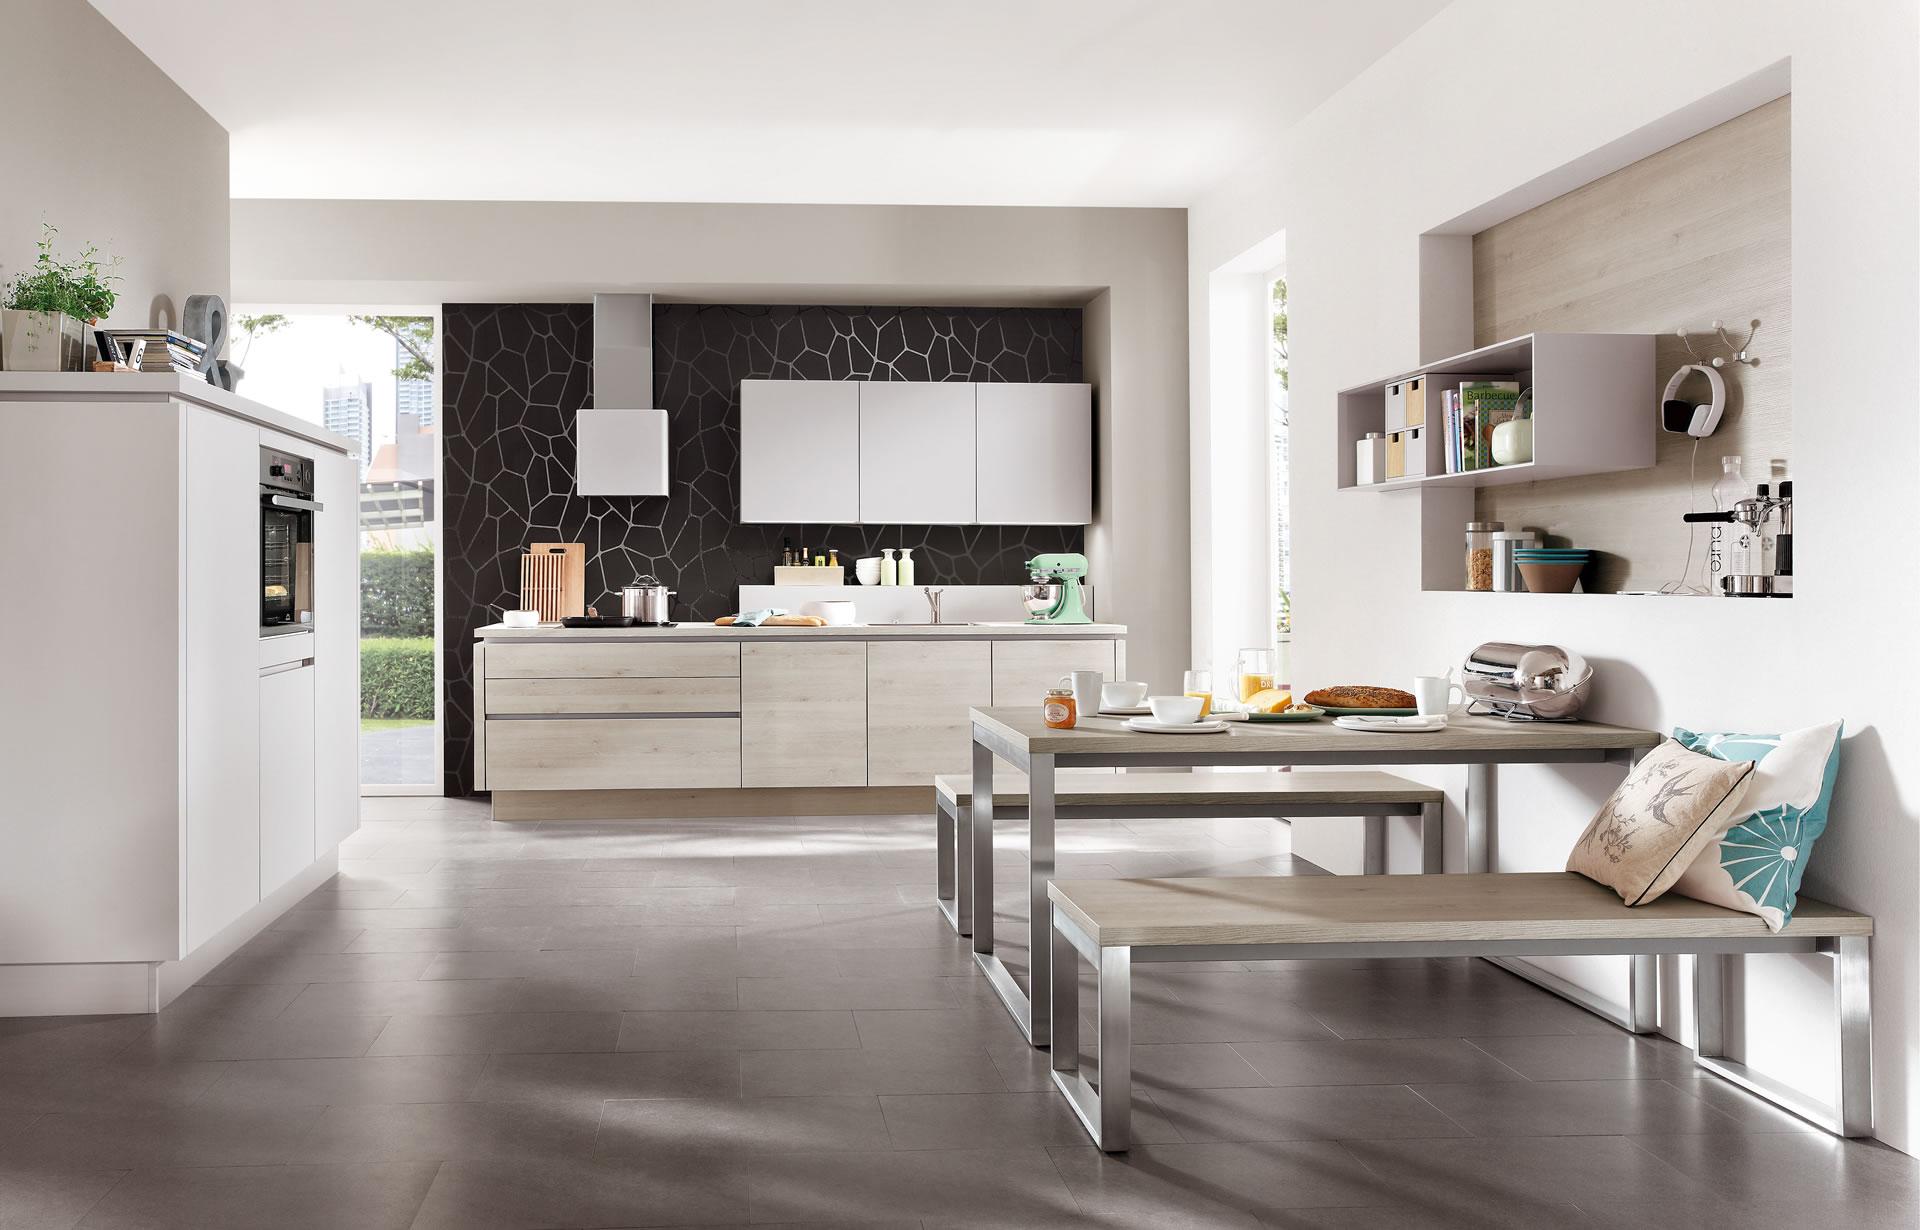 nobilia küchen - testberichte und erfahrungen - annonces payantes ... - Nobilia Küchenschränke Nachbestellen